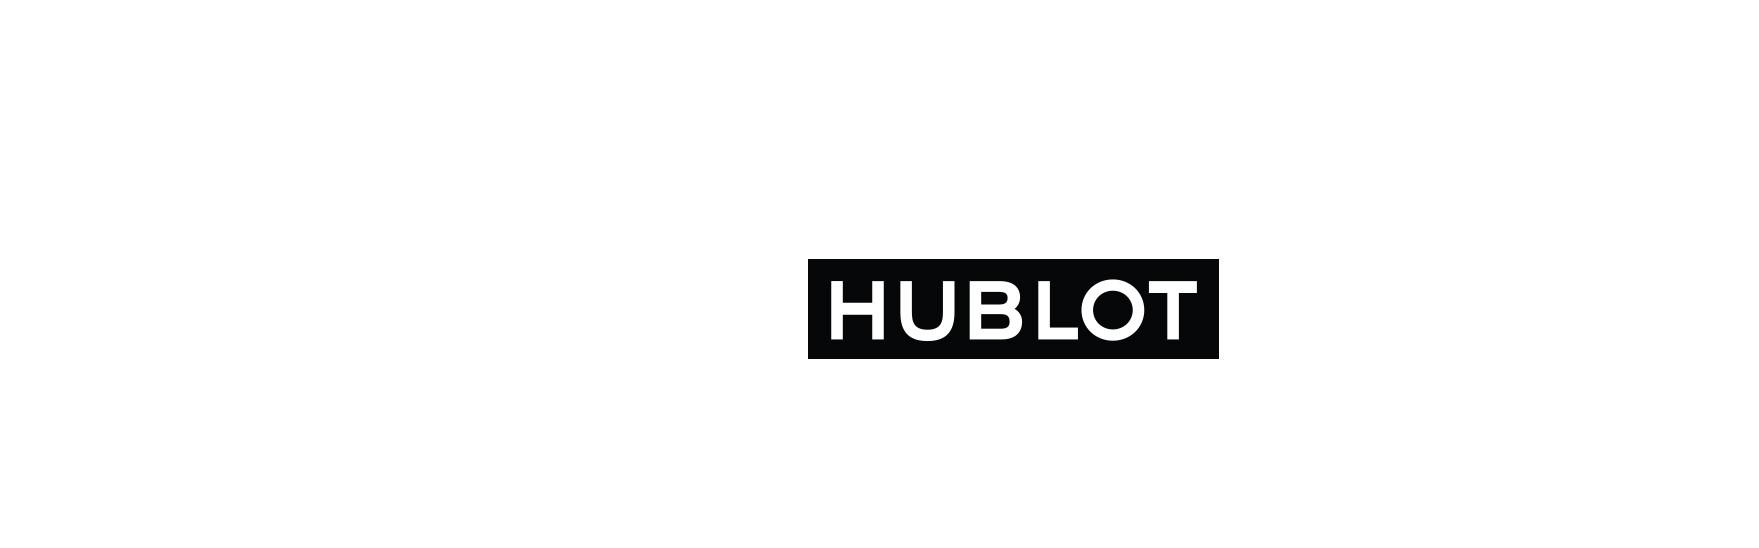 Hublot Logos.